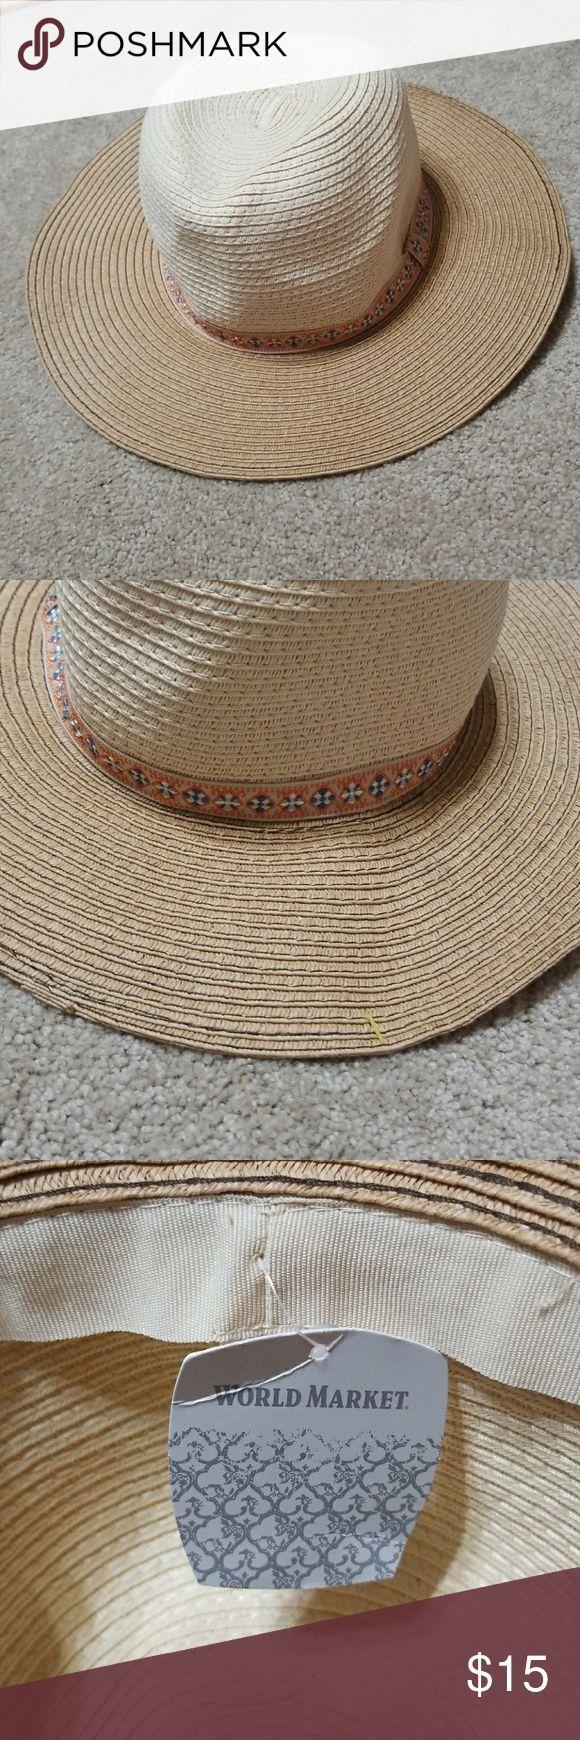 🌺World market hat Hat world market Accessories Hats